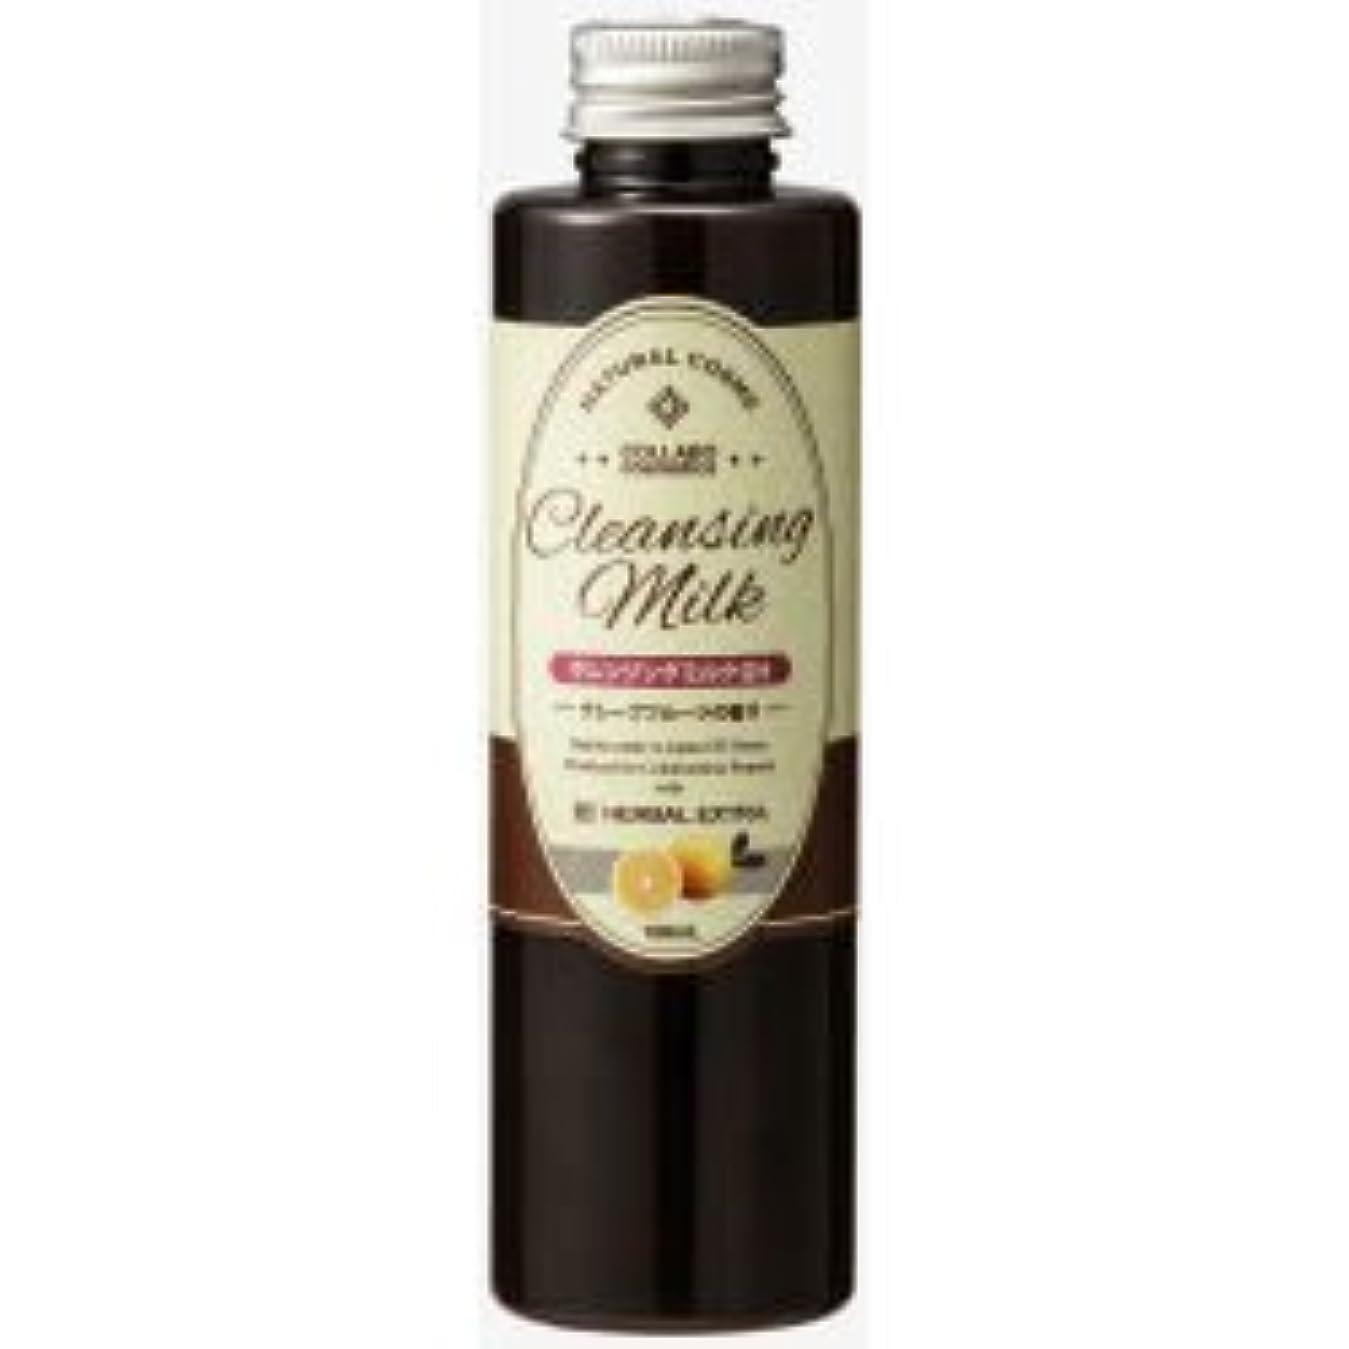 格納少ない作り上げる[ゼミド×ハーバルエクストラ] クレンジングミルクGH グレープフルーツの香り 150ml